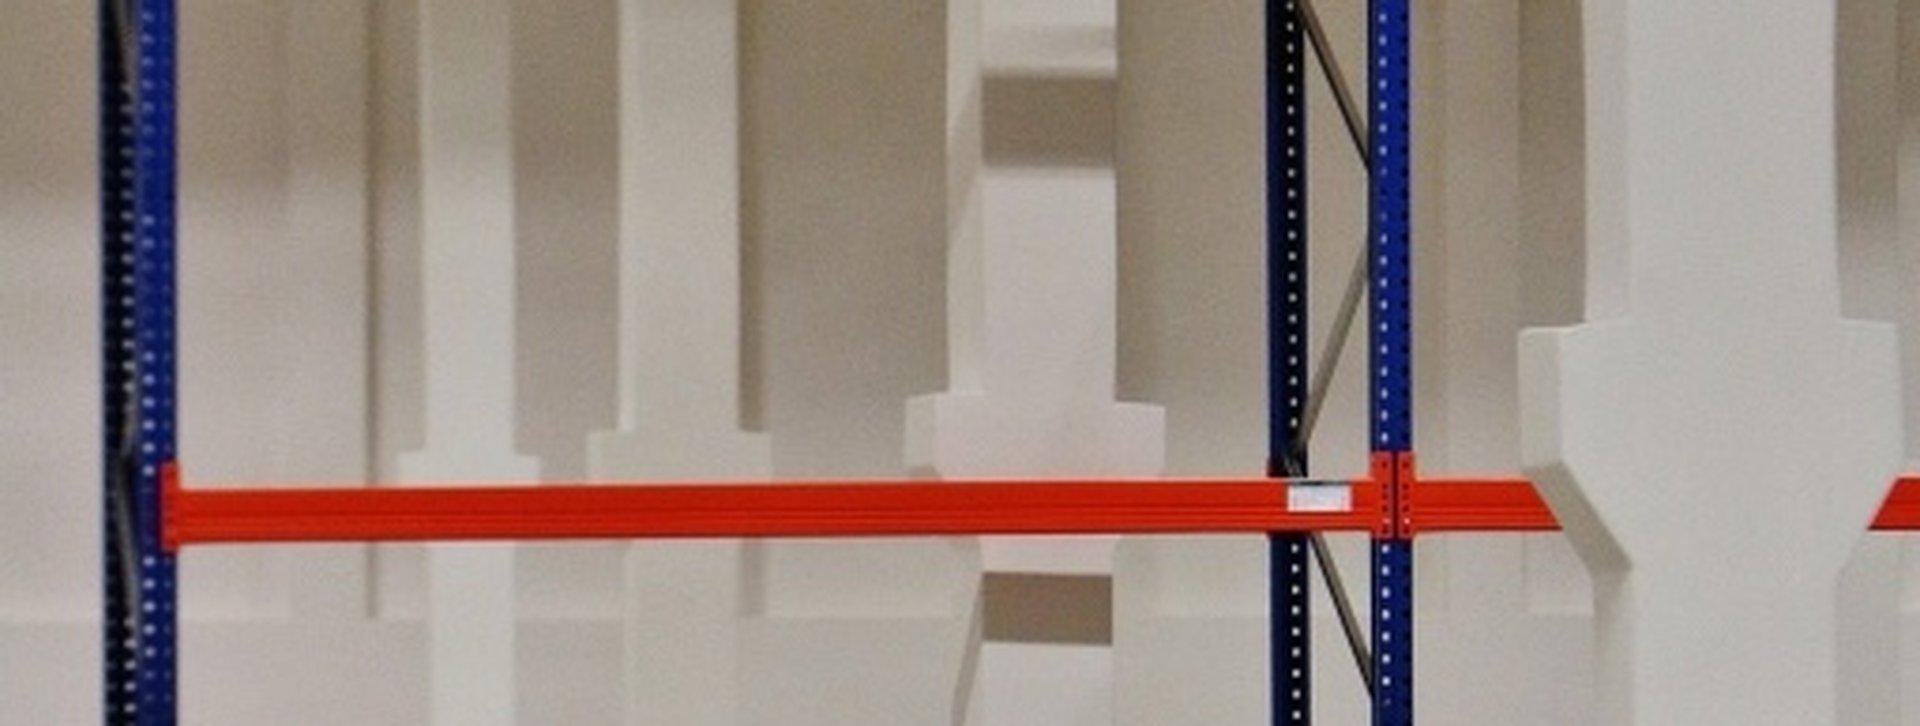 pronajem-skladovaci-plochy-a-haly-se-sluzbami-dopravy-a-spedice-4256